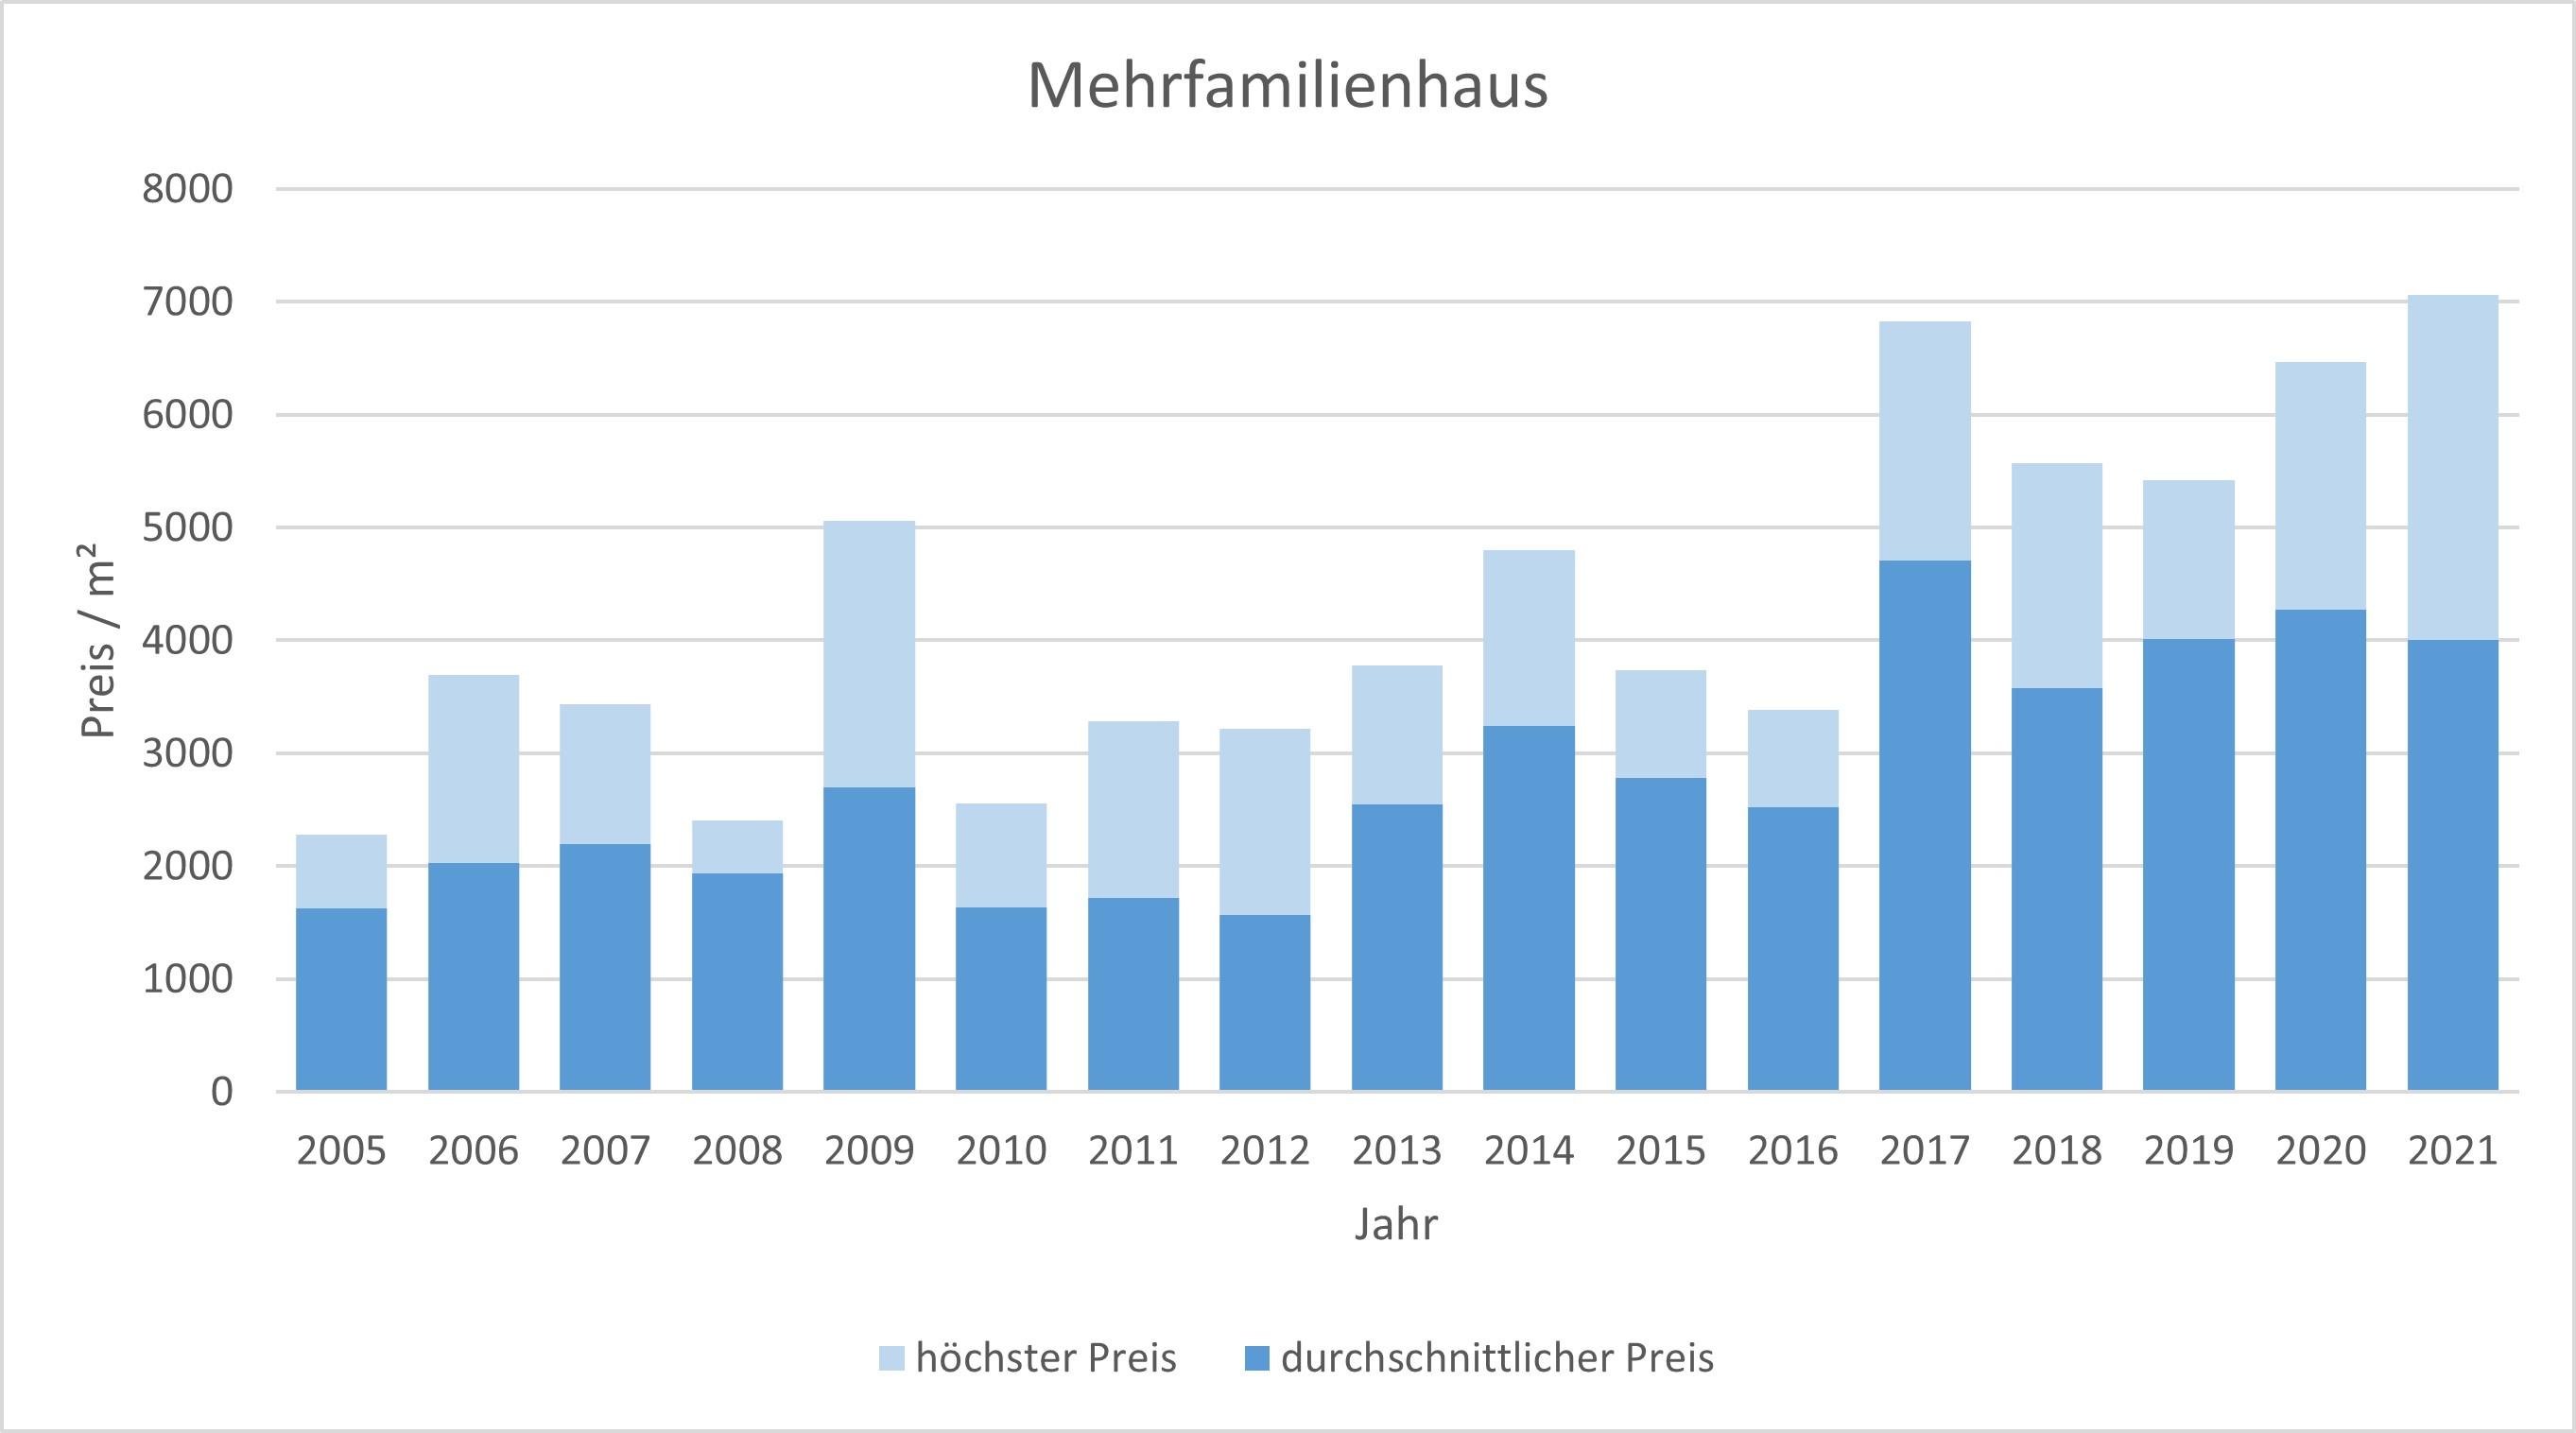 Geretsried Makler Mehrfamiliienhaus kaufen verkaufen Preis 2019 2020 2021